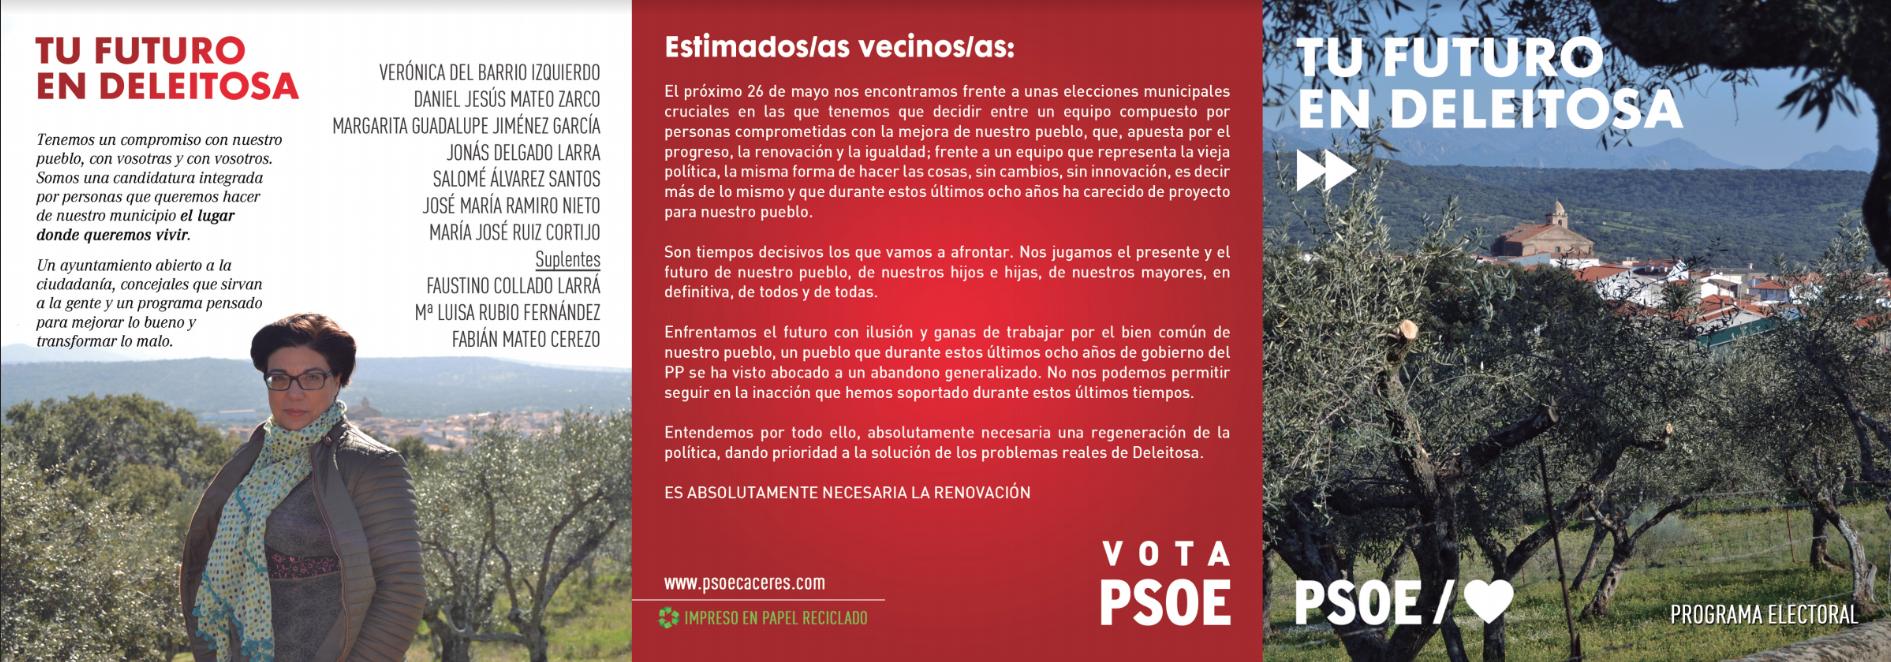 Verónica del Barrio: Lo que se hace en Deleitosa es por las administraciones del PSOE